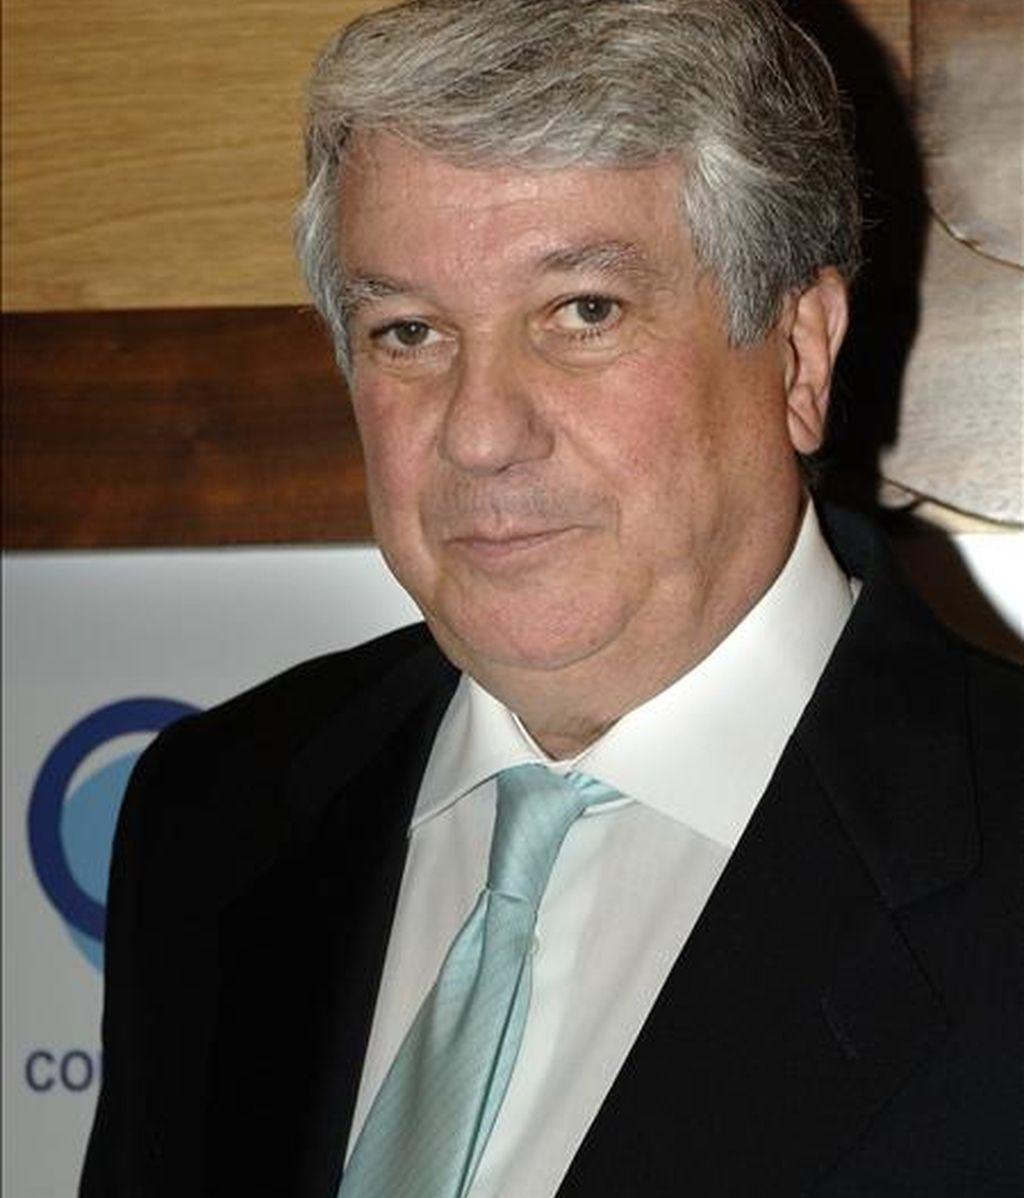 El presidente de la patronal madrileña CEIM, Arturo Fernández. EFE/Archivo